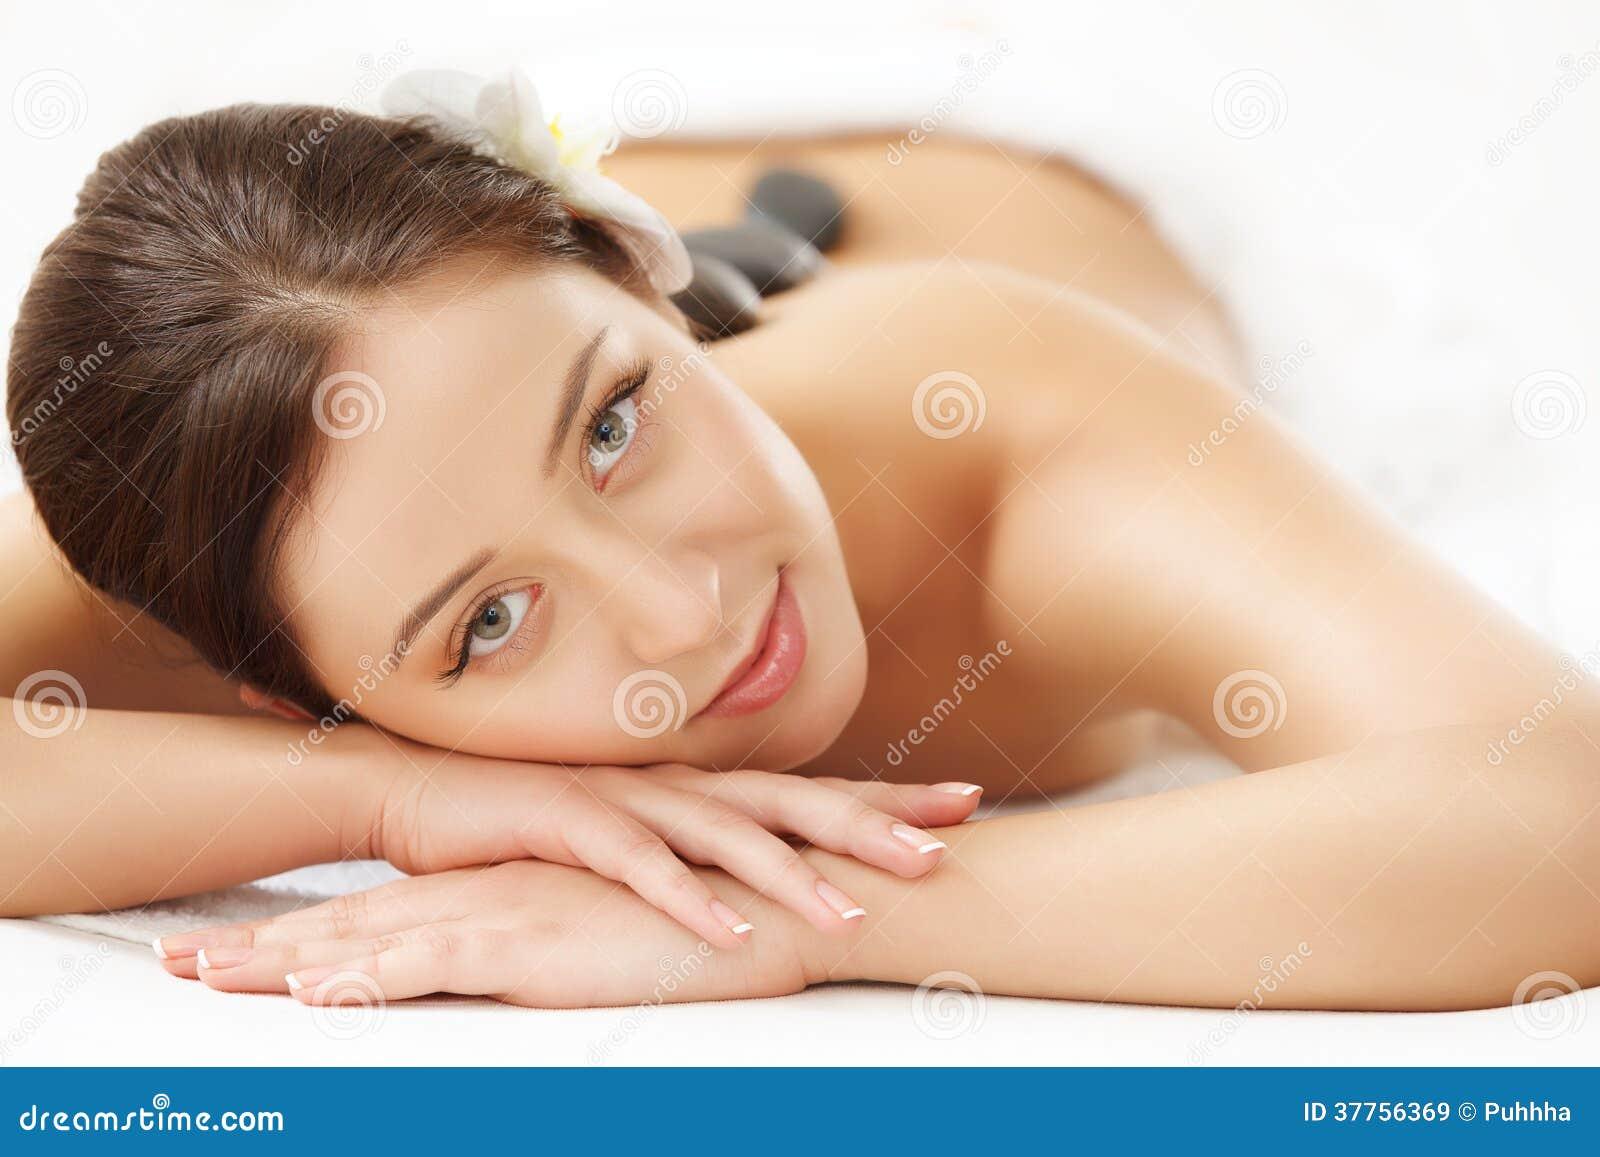 naked women gets ass massage